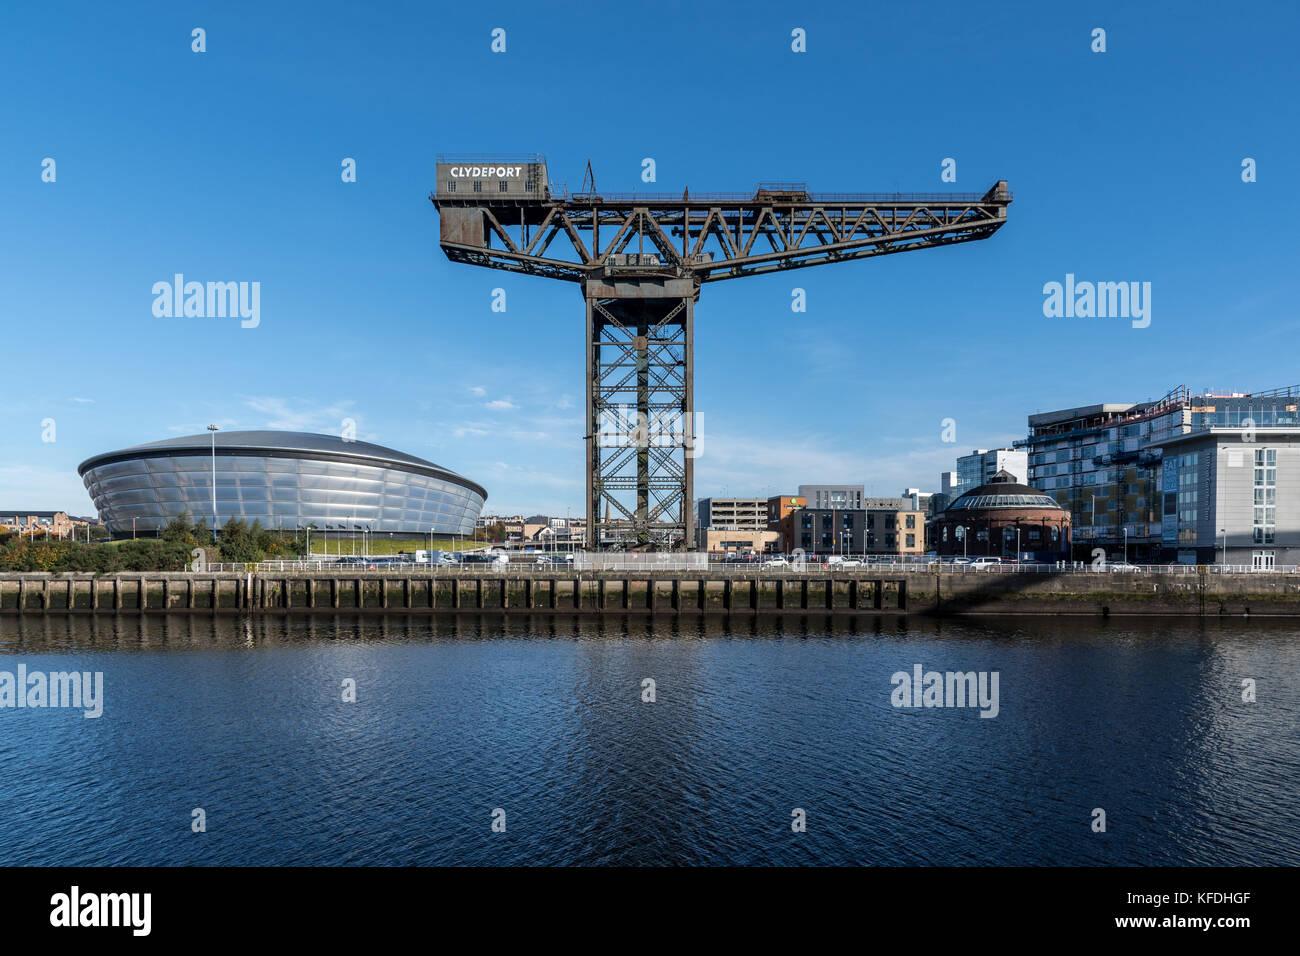 Une vue sur la rivière Clyde de la sse hydro, Clyde Auditorium, finnieston crane et Hilton Garden Inn - Glasgow Banque D'Images